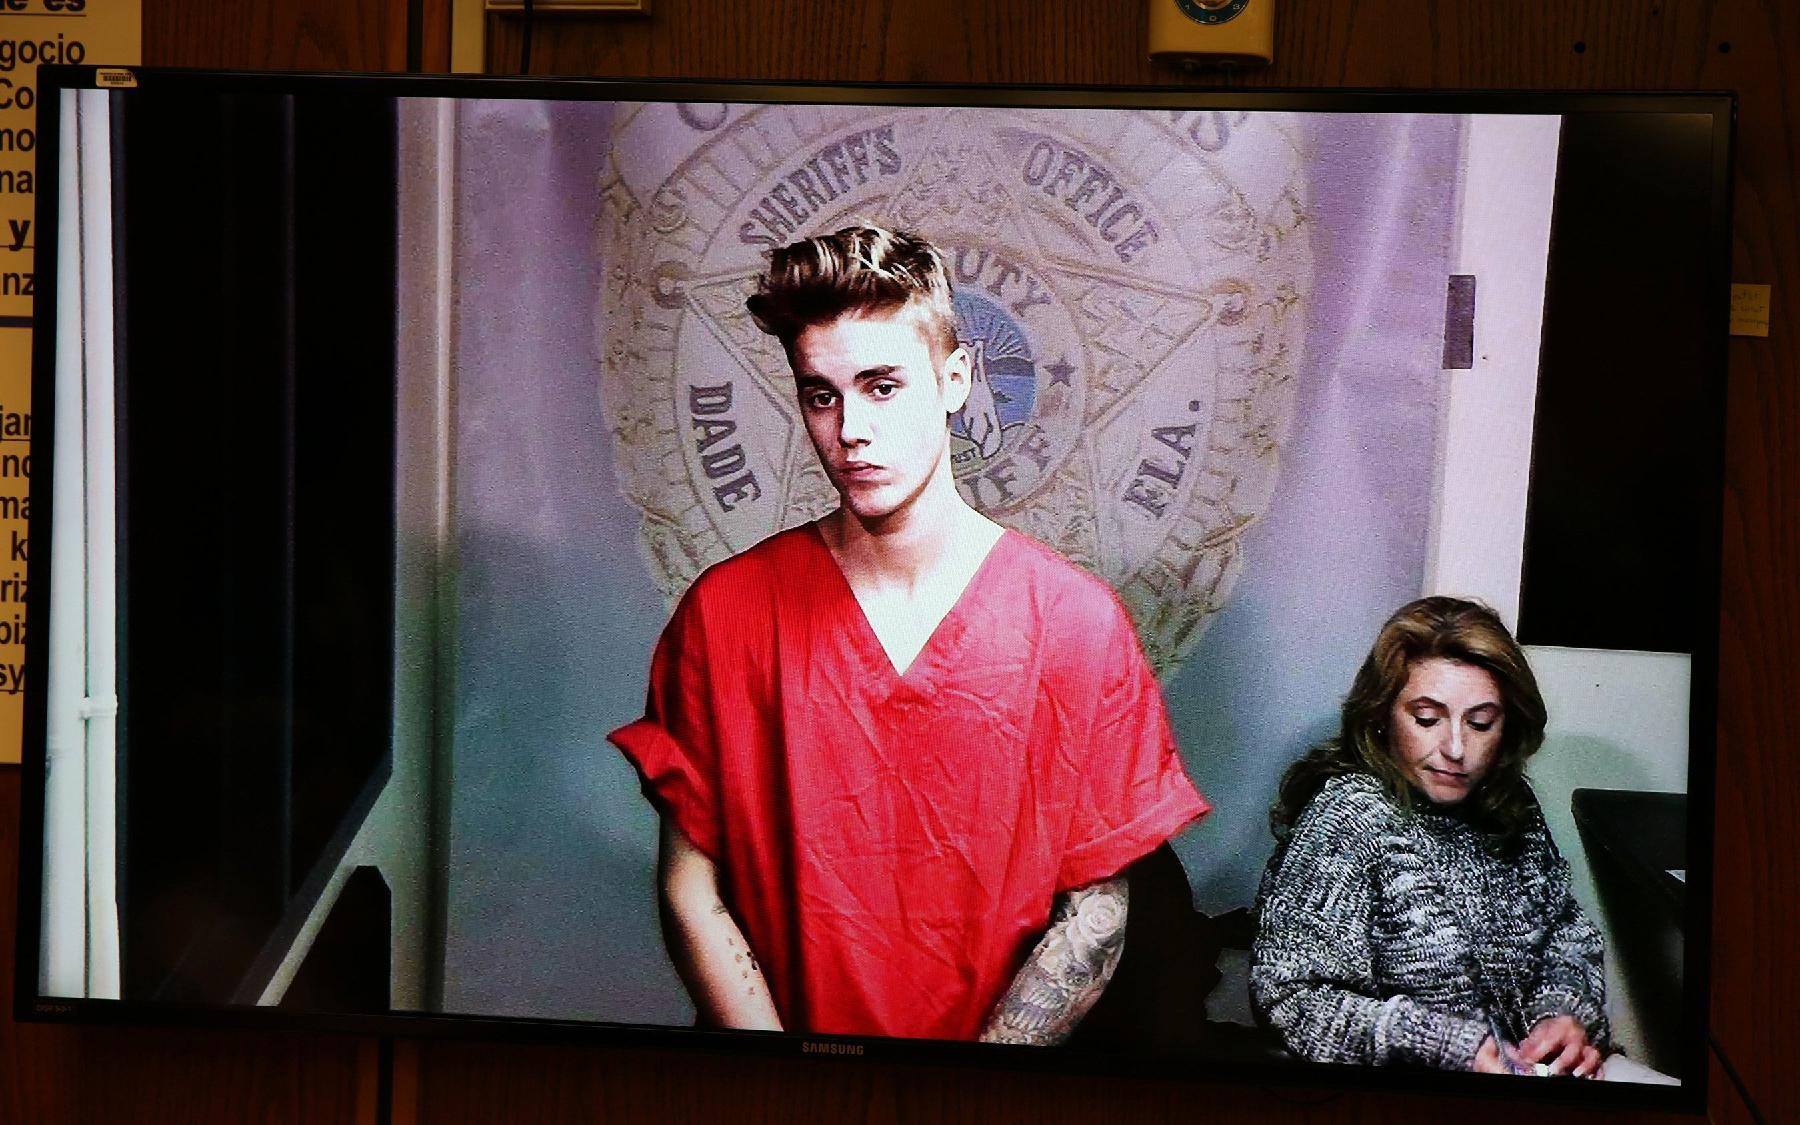 Justin Bieber's Bodyguard Drops Assault Lawsuit